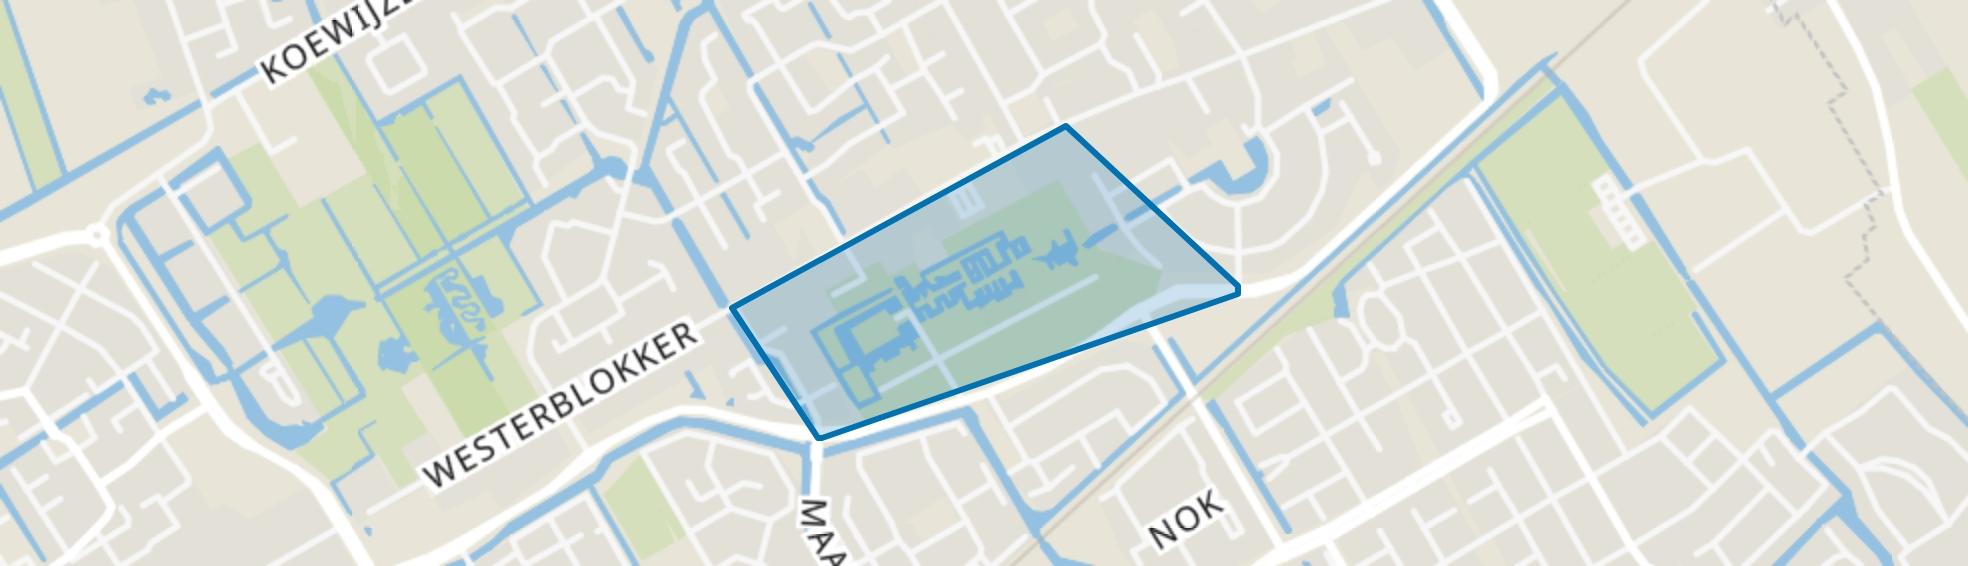 Blokker - Buurt 31 01, Blokker map